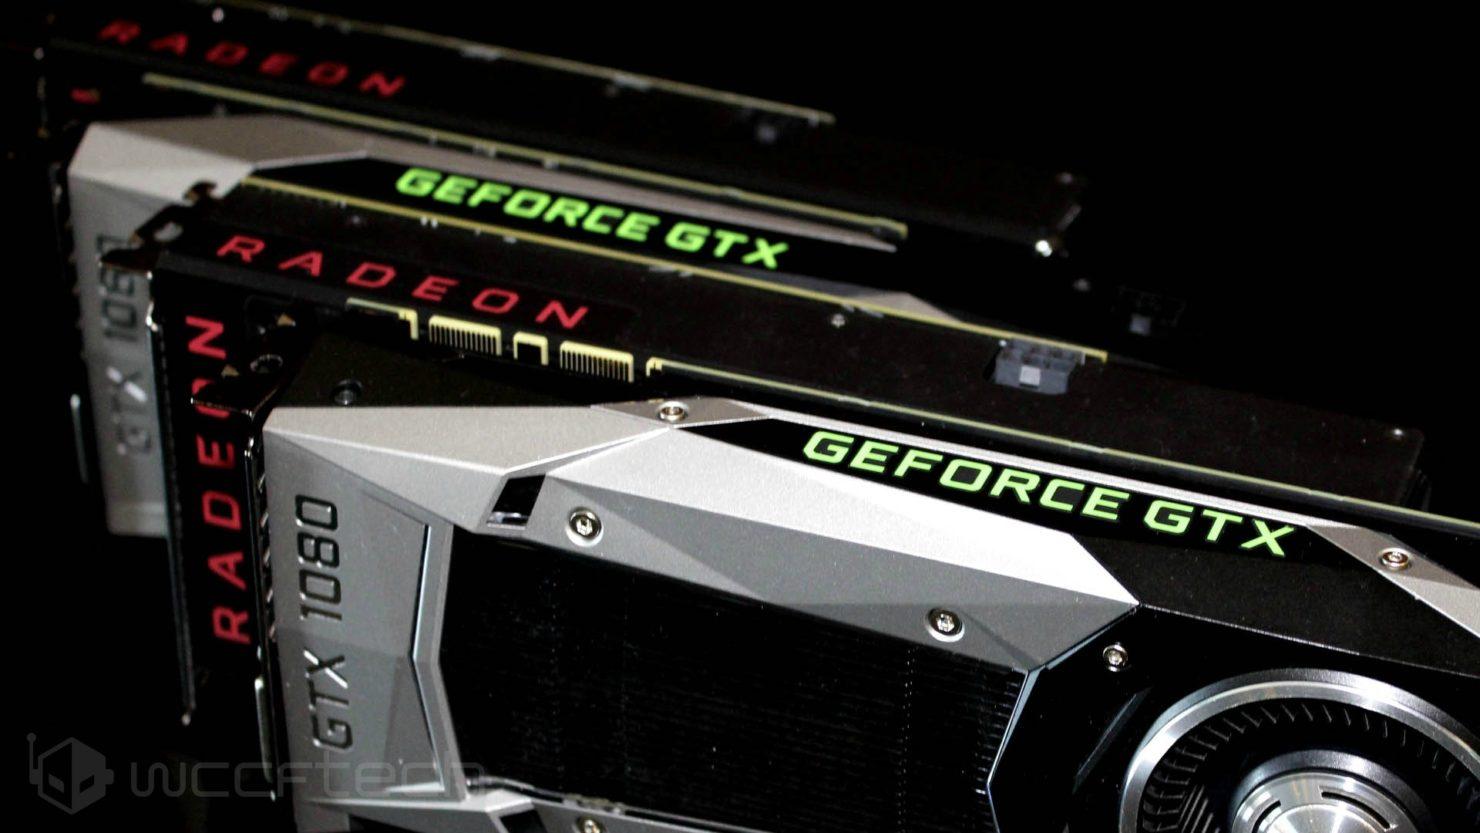 Sau GPU, đến lượt CPU sẽ là trâu cày tiếp theo của dân đào tiền ảo - ảnh 4